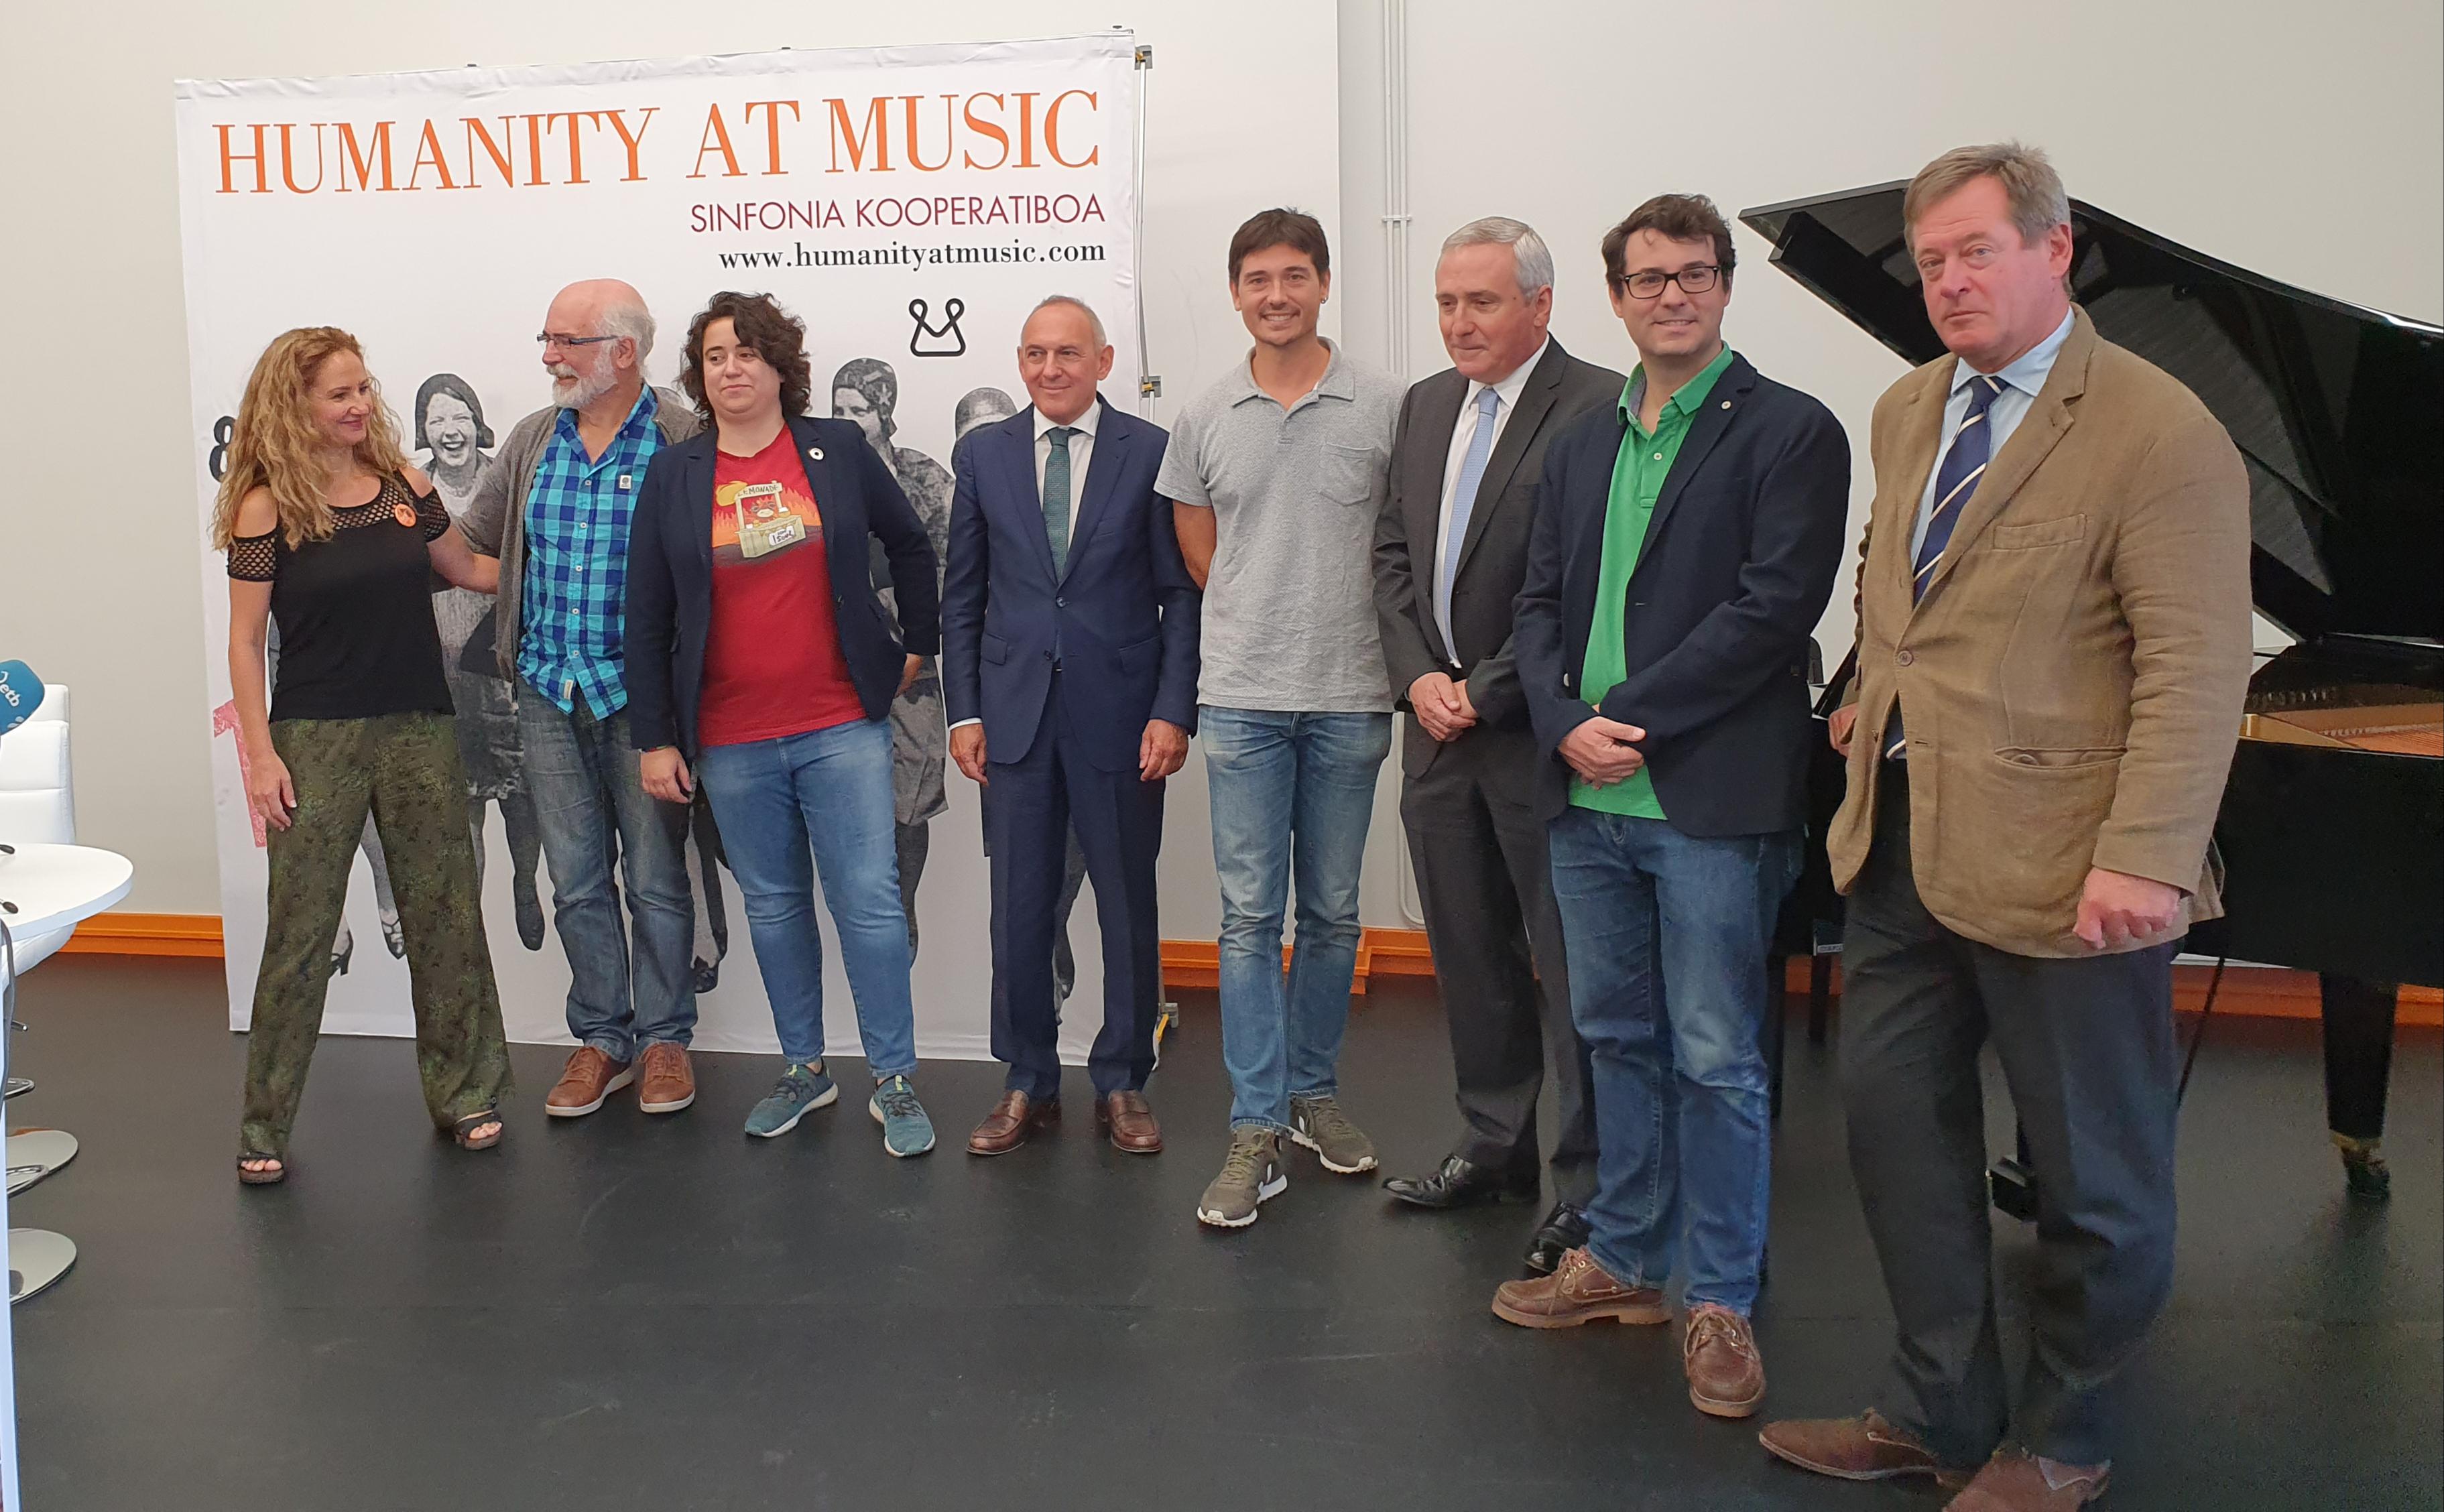 Bingen Zupiria sailburuak parte hartu du Mondragon Korporazioak antolatutako 'Humanity at music'-en aurkezpenean